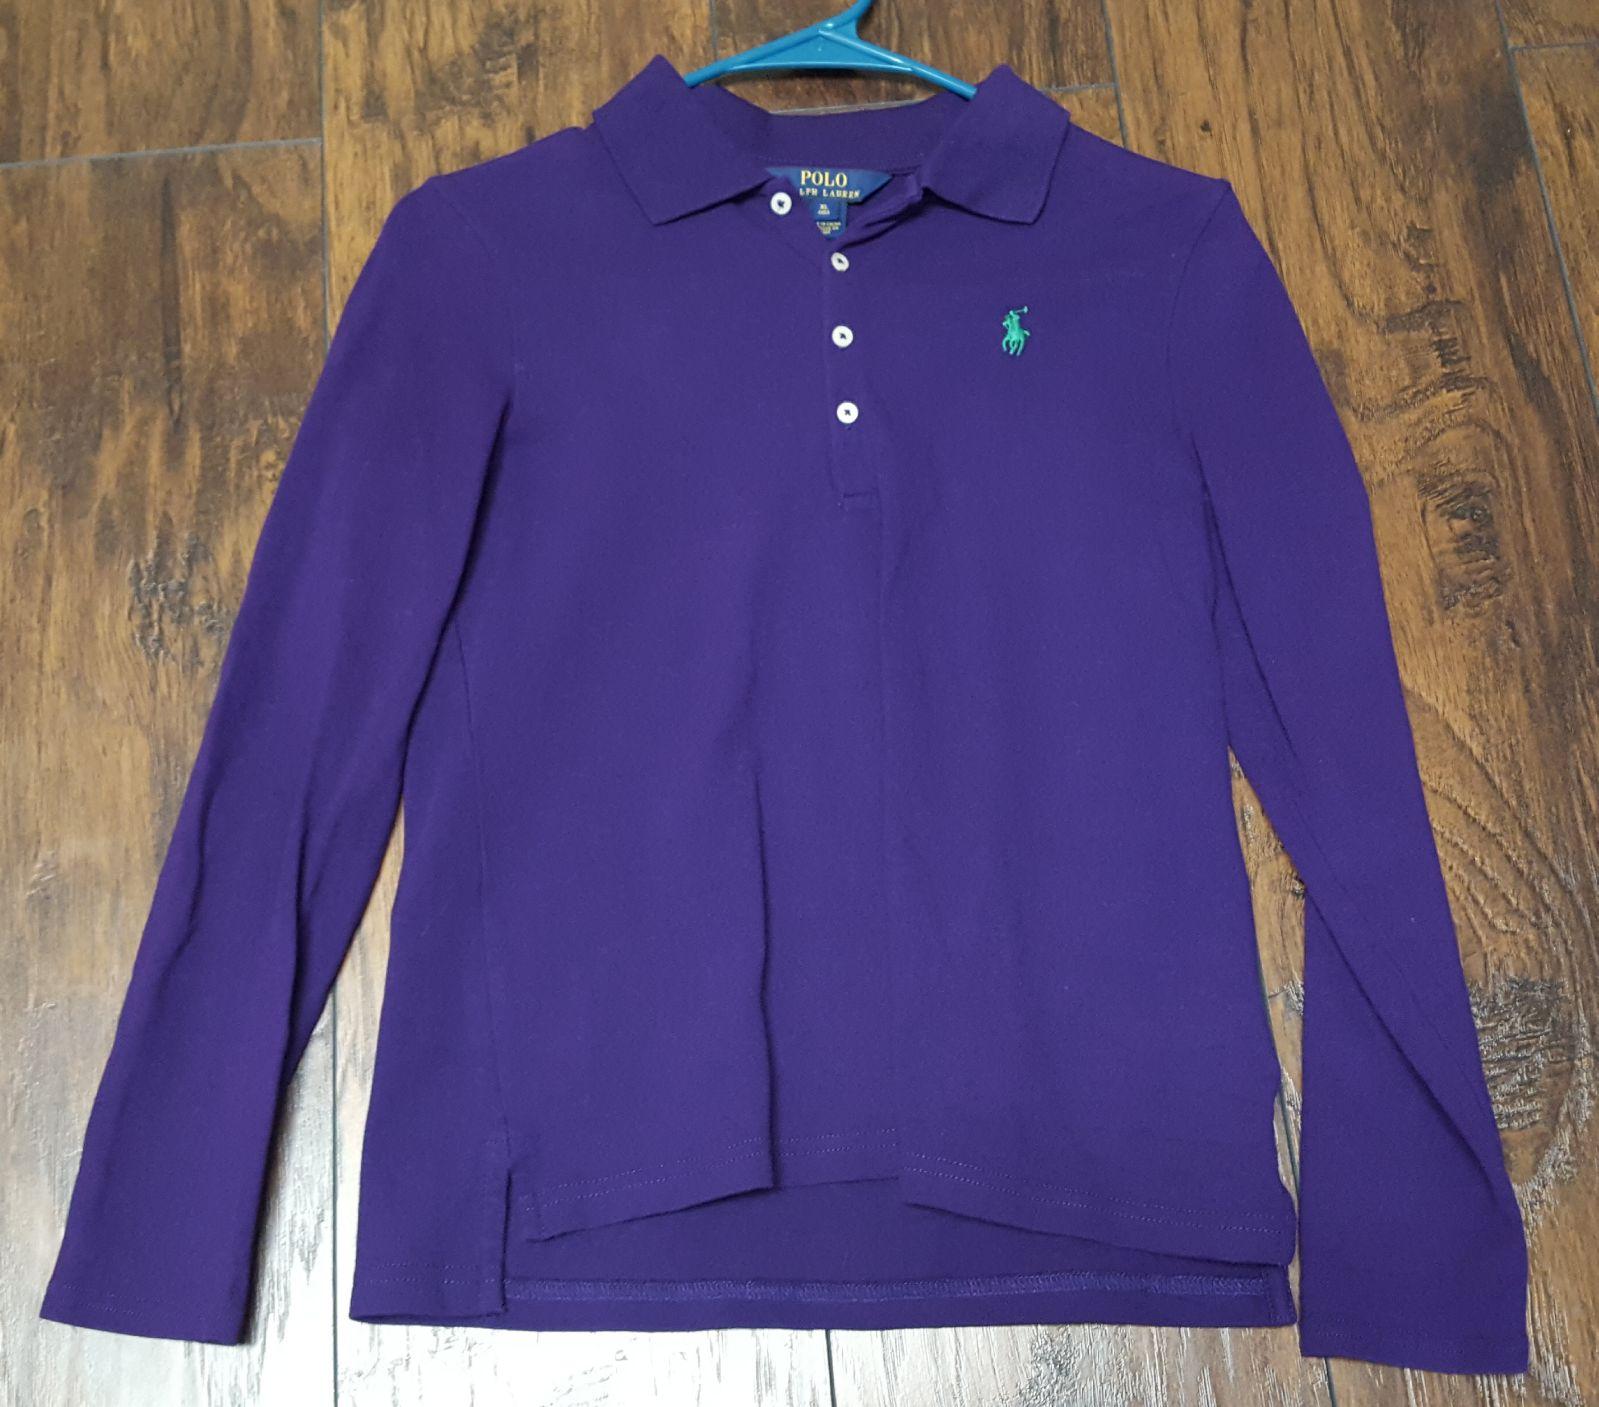 Kid's Girl's XL Polo Ralph Lauren Shirt